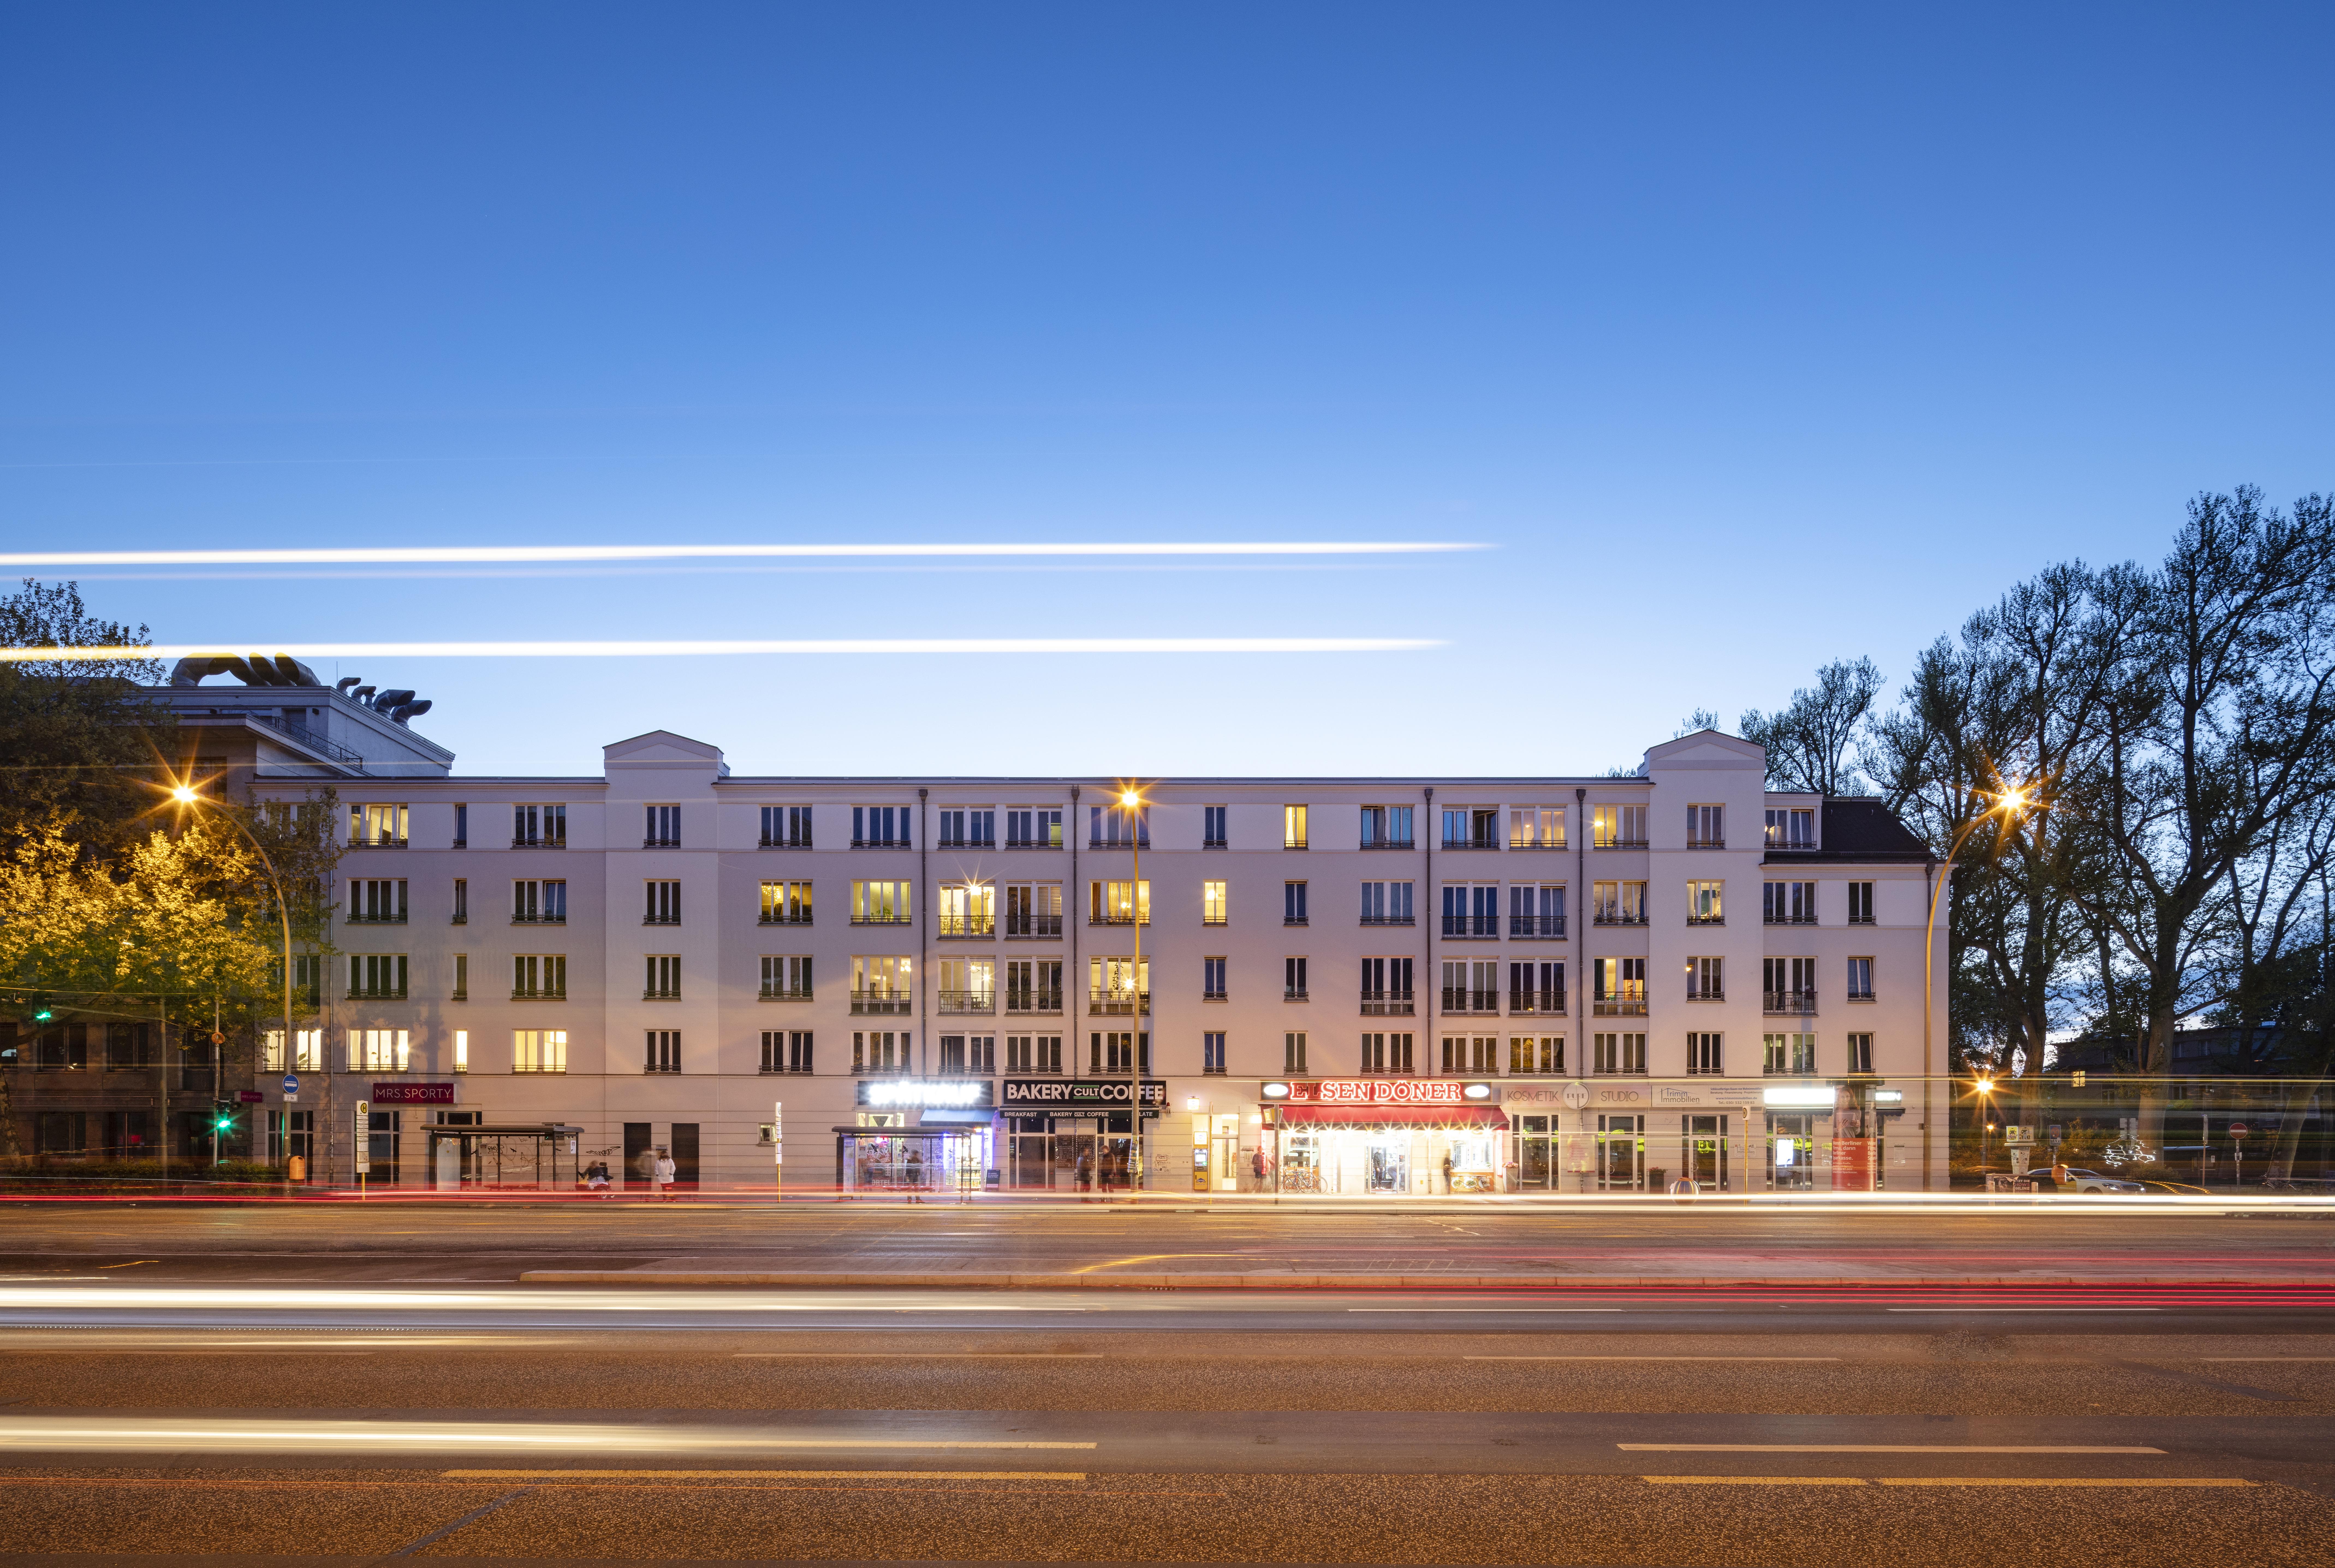 78 Flats in Prime Investor Location in Berlin